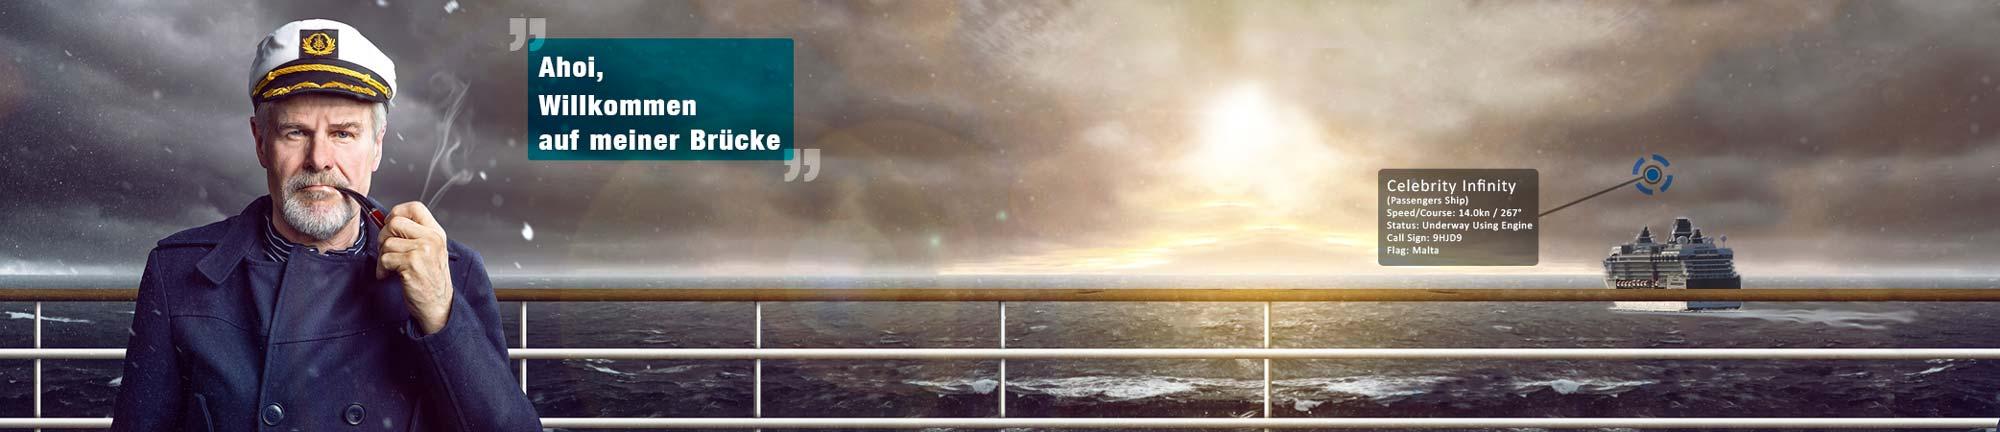 Alter Kapitän auf der Brücke mit Willkommensgruß und Schiff im Hintergrund!